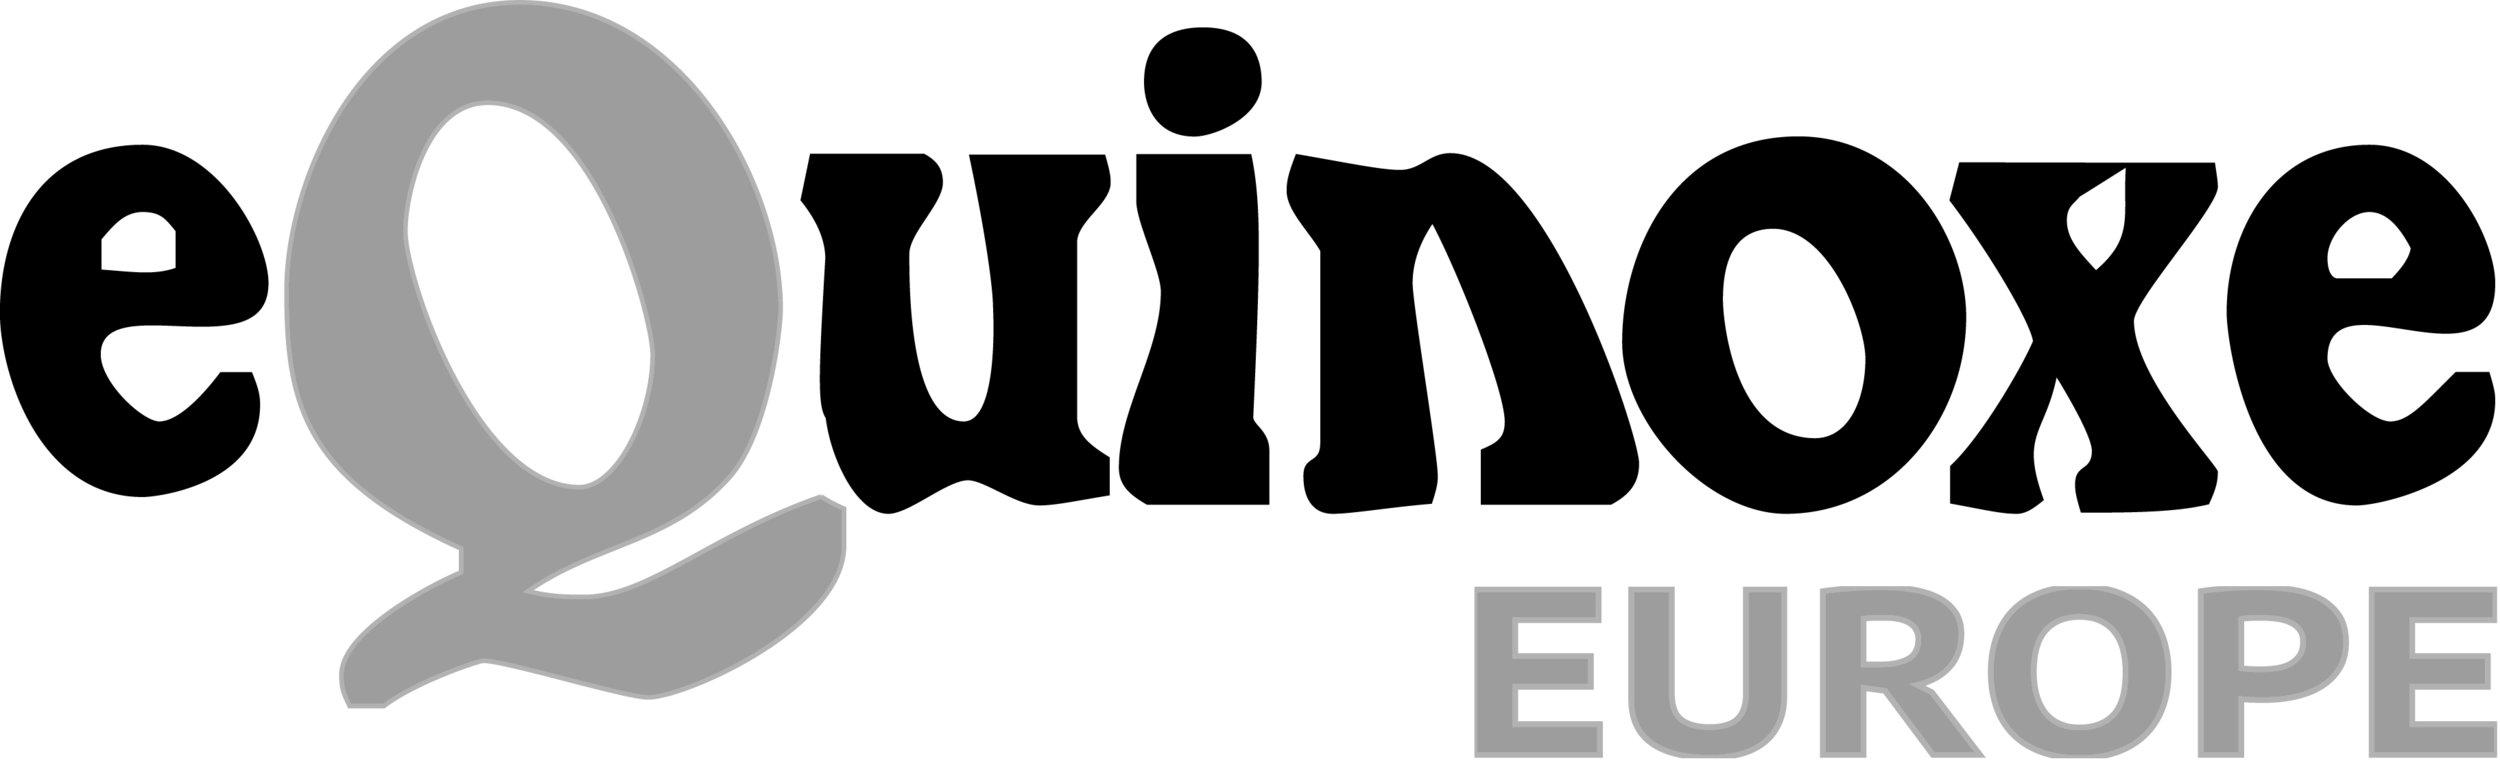 equinoxeeurope_bw_1.jpg